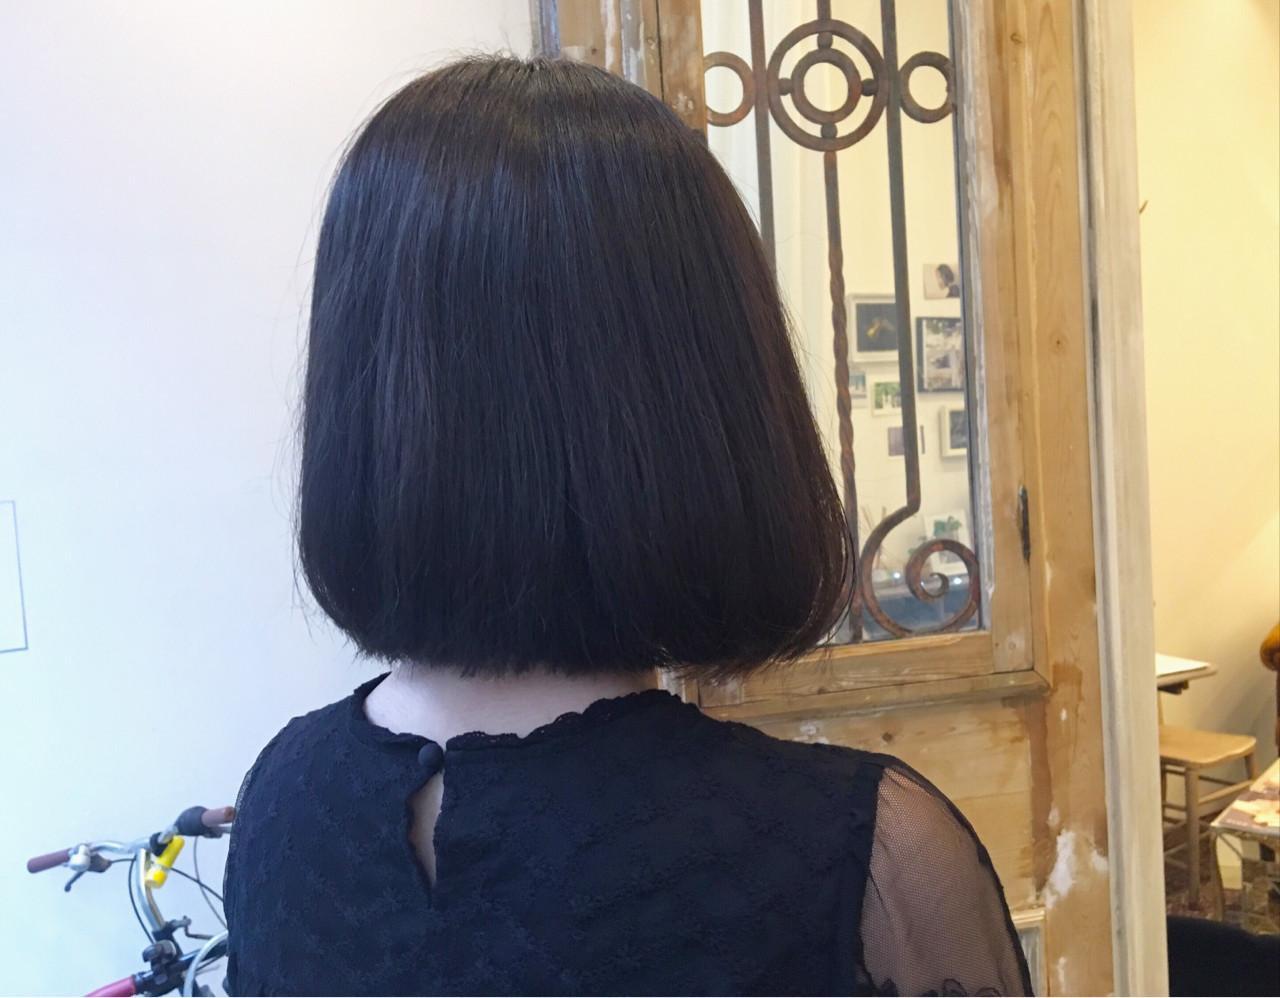 ボブ 夏 透明感 春 ヘアスタイルや髪型の写真・画像